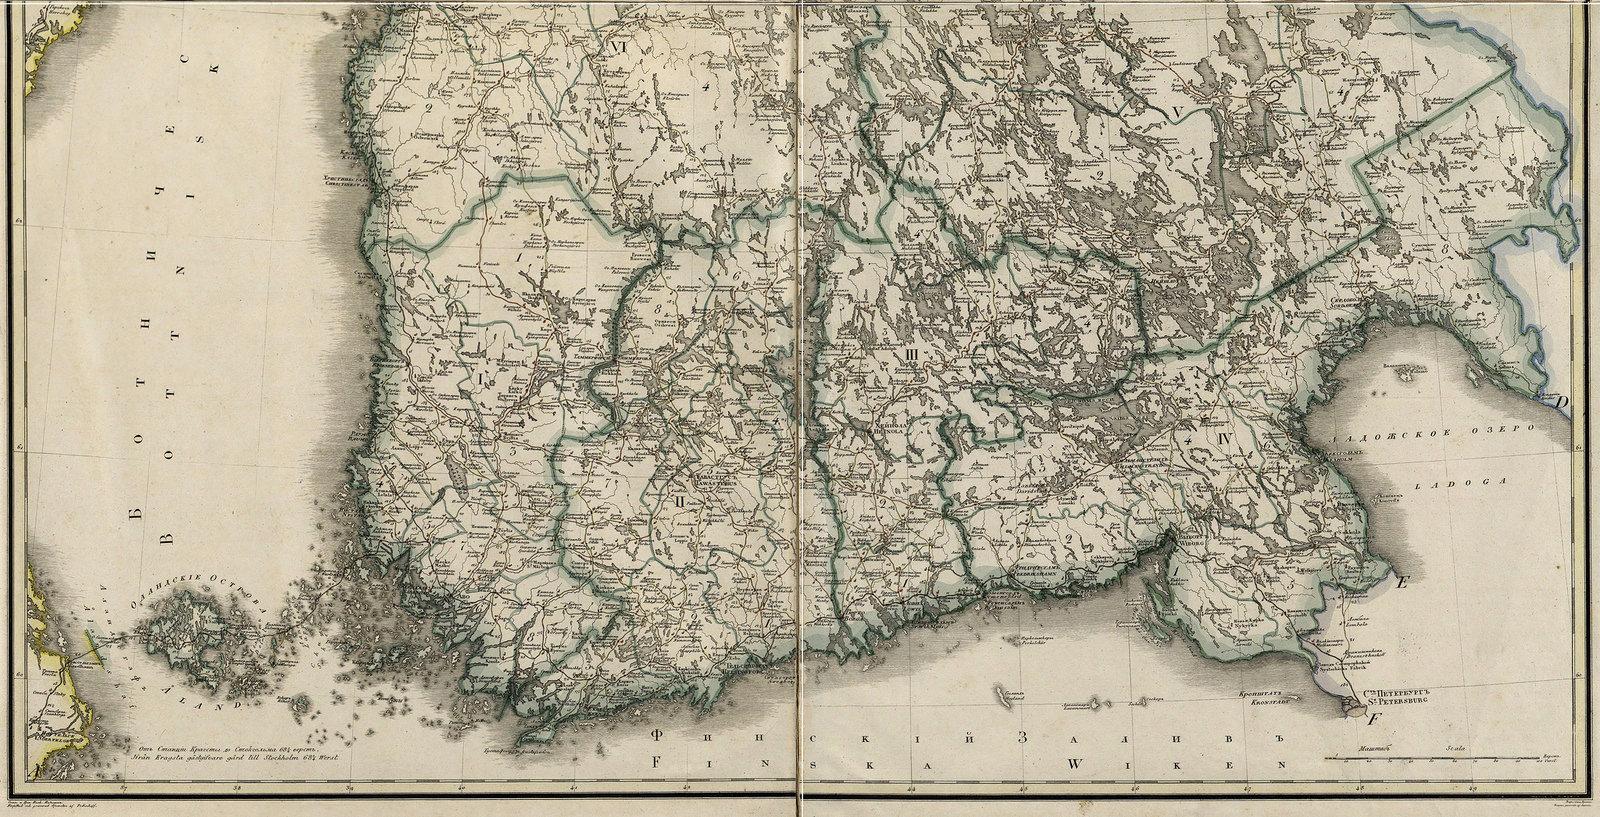 59-2.Великое Княжество Финляндское (юг)